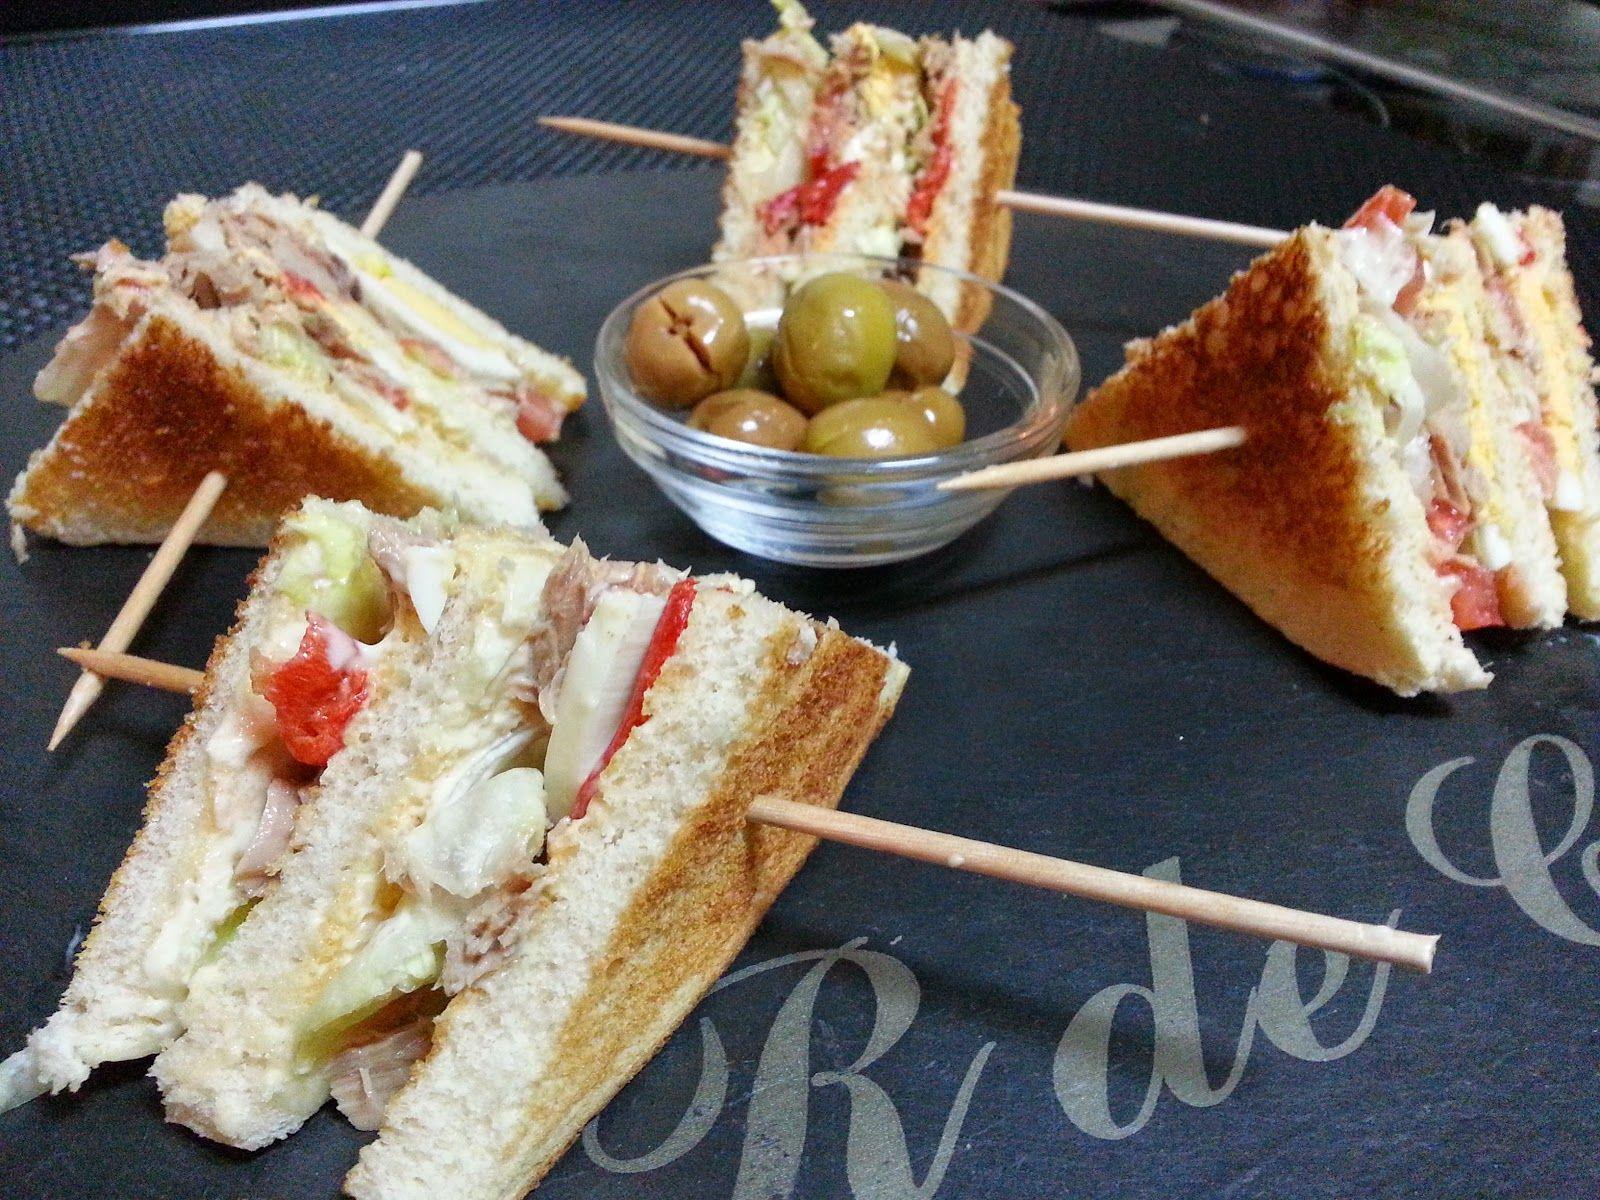 LA COCINA DE PEDRO Y YOLANDA: Sandwich vegetal con atún